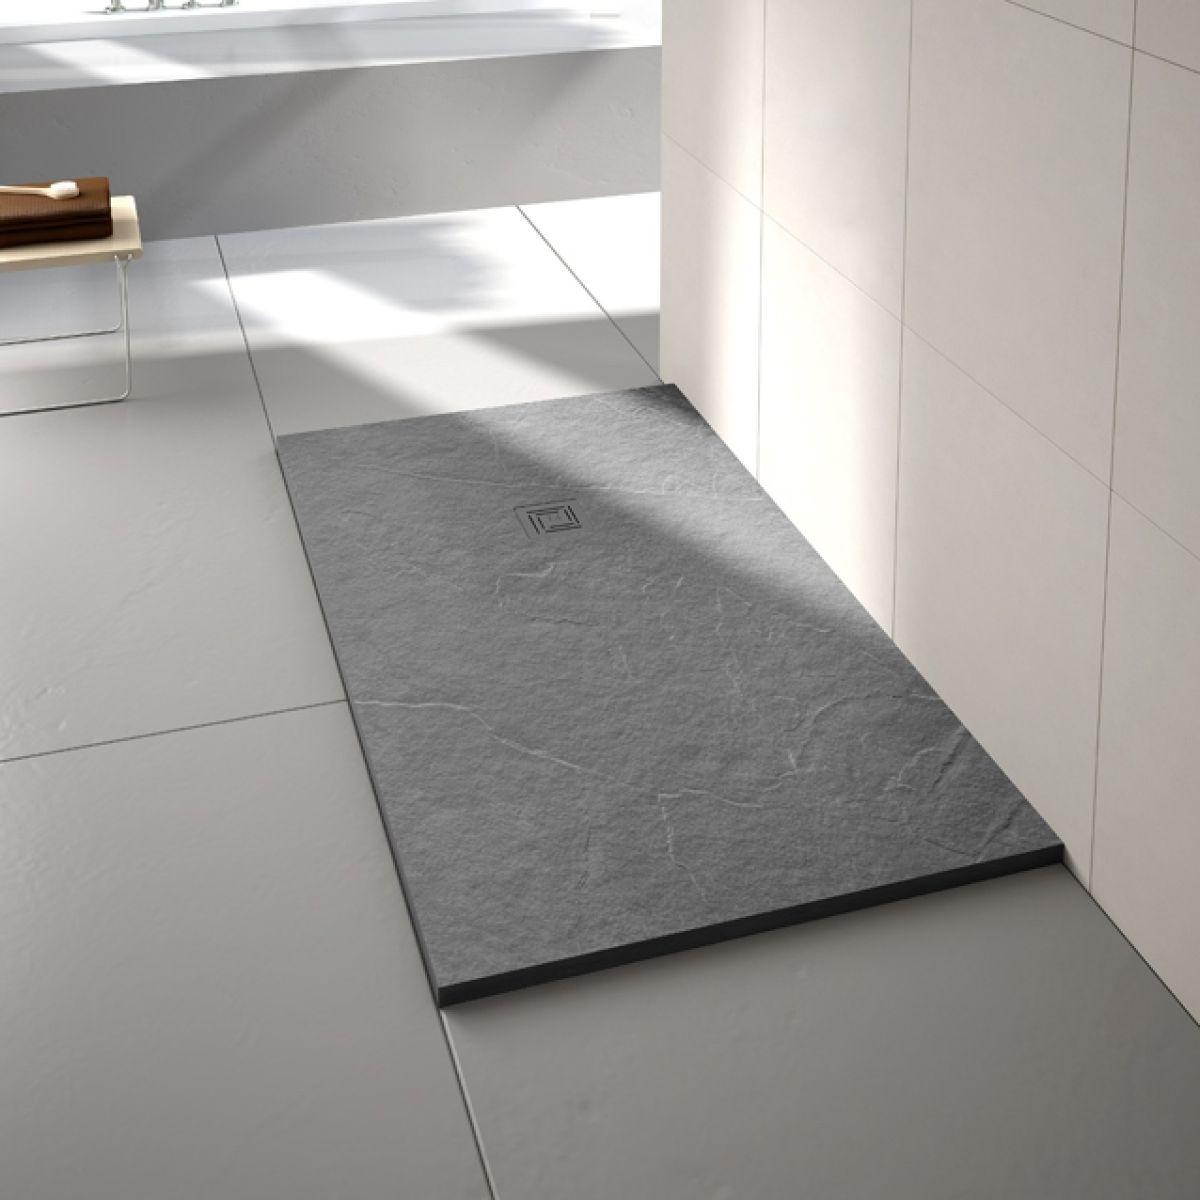 Merlyn Truestone Fossil Grey Rectangular Shower Tray 1600 x 800mm